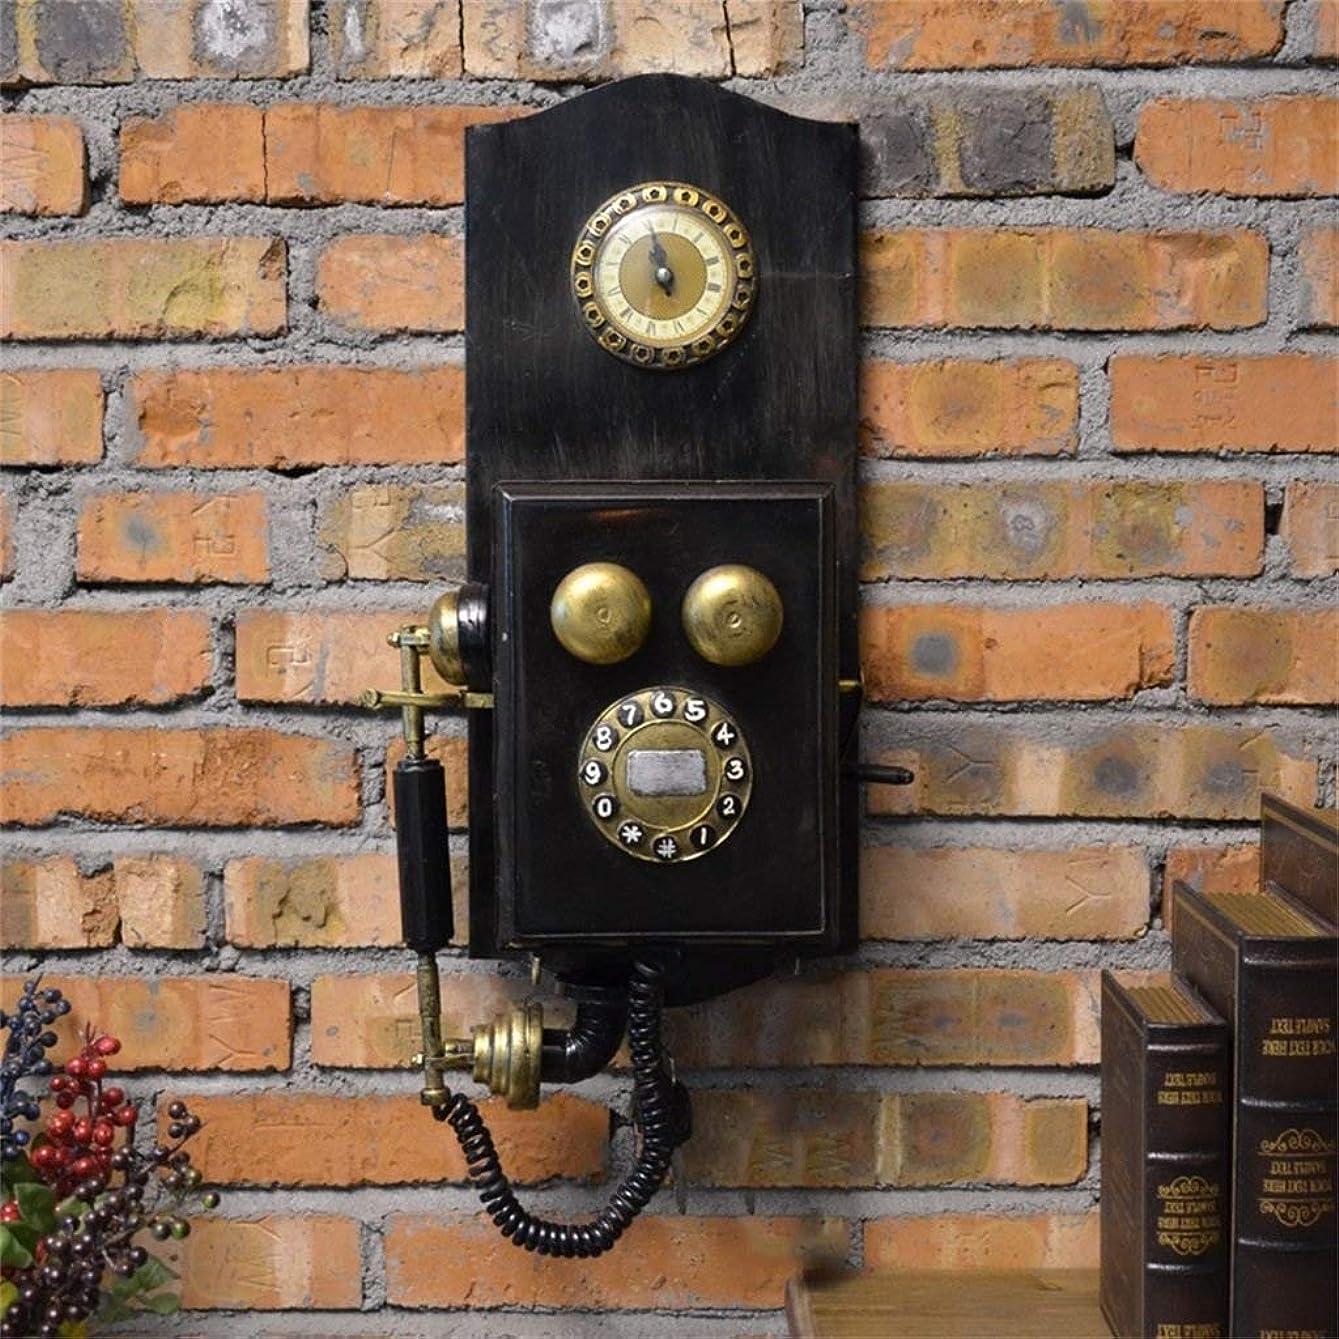 服を洗う娯楽成功した壁時計レトロノスタルジア電話モデルリビングルームの装飾クリエイティブ人格ファッションカフェバーの装飾壁の装飾